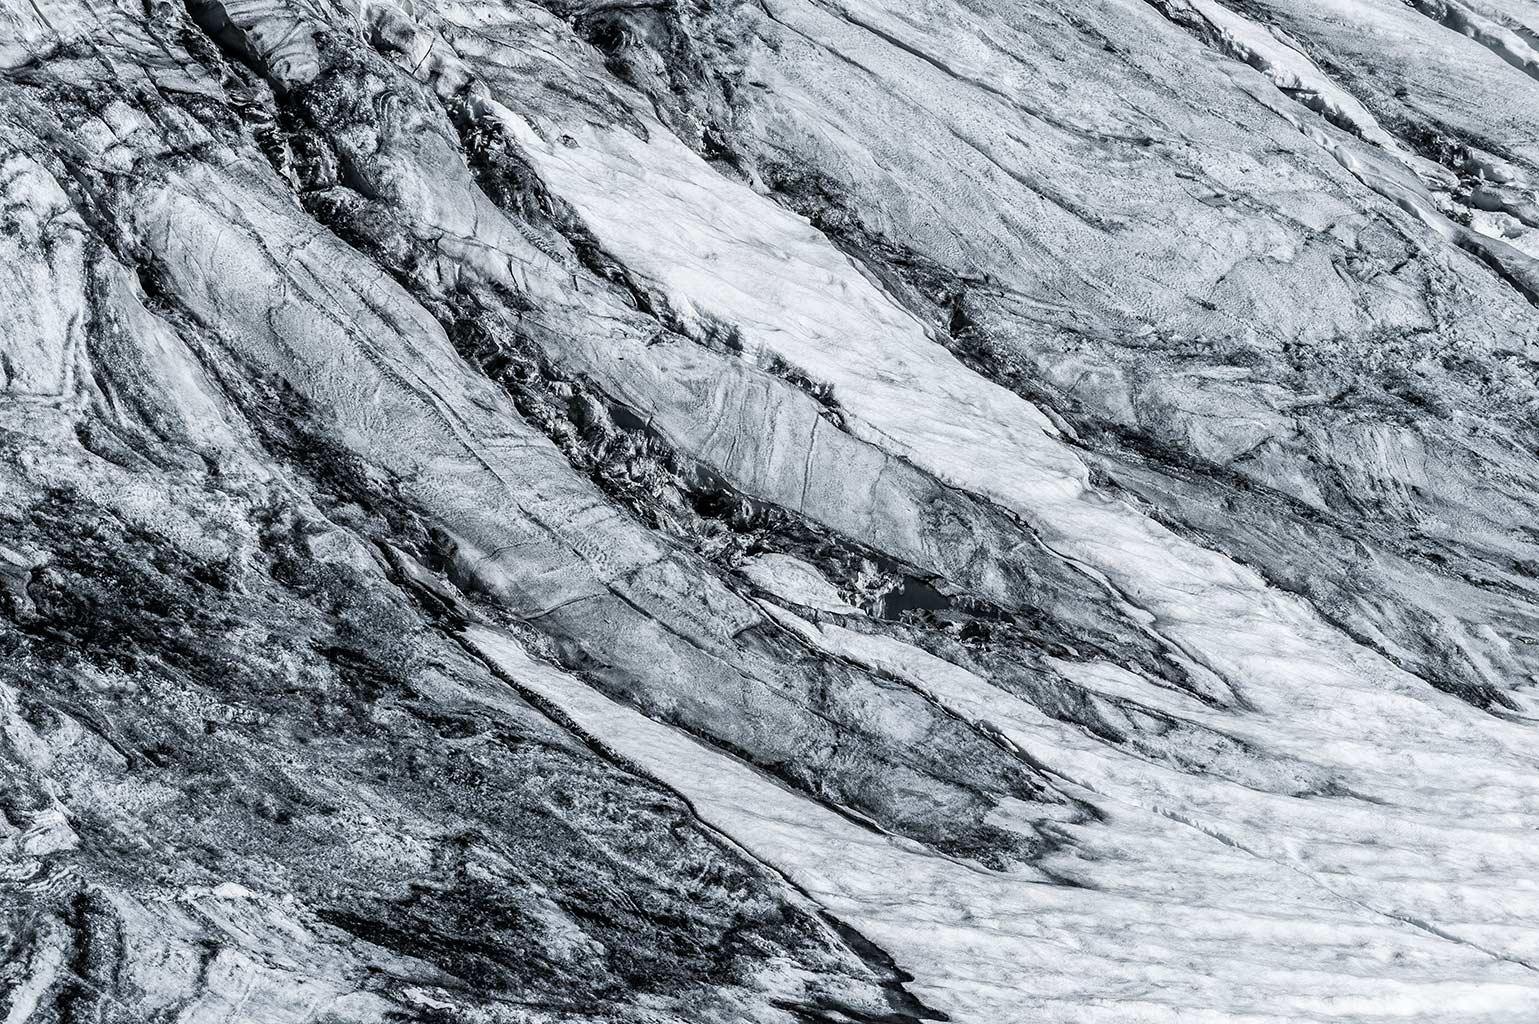 Sölden Gletscher Landschaft Landschaftsfotografie Oldenburg Fotograf aus Oldenburg BFF Landscape